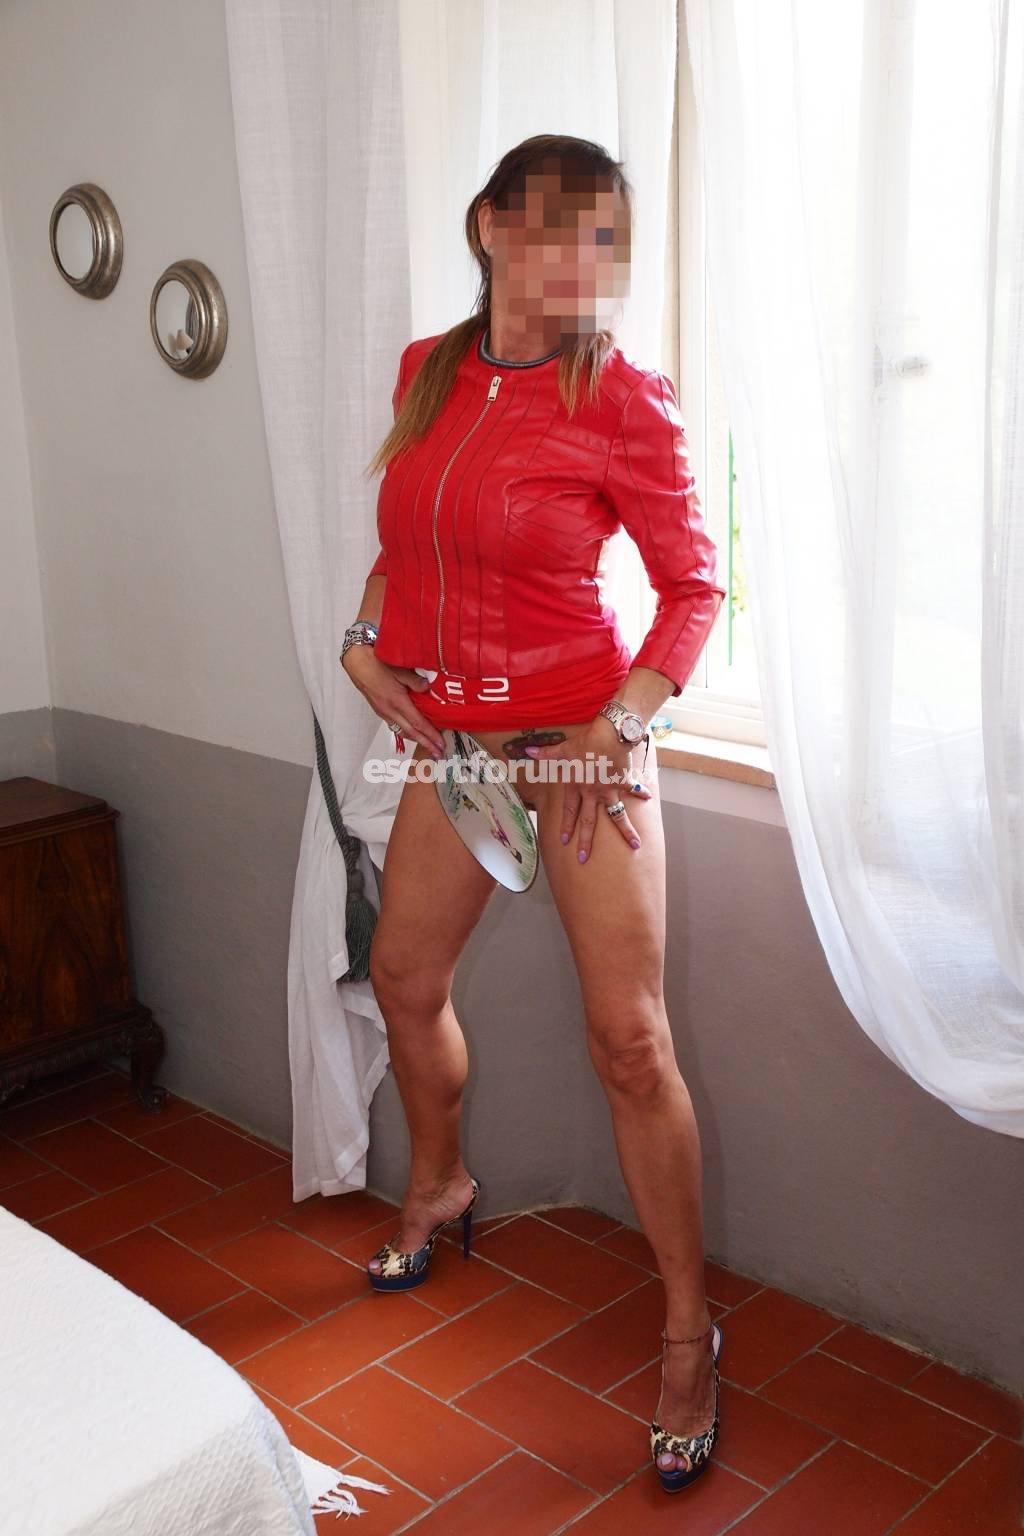 escortforum bolzano bakeca donne firenze